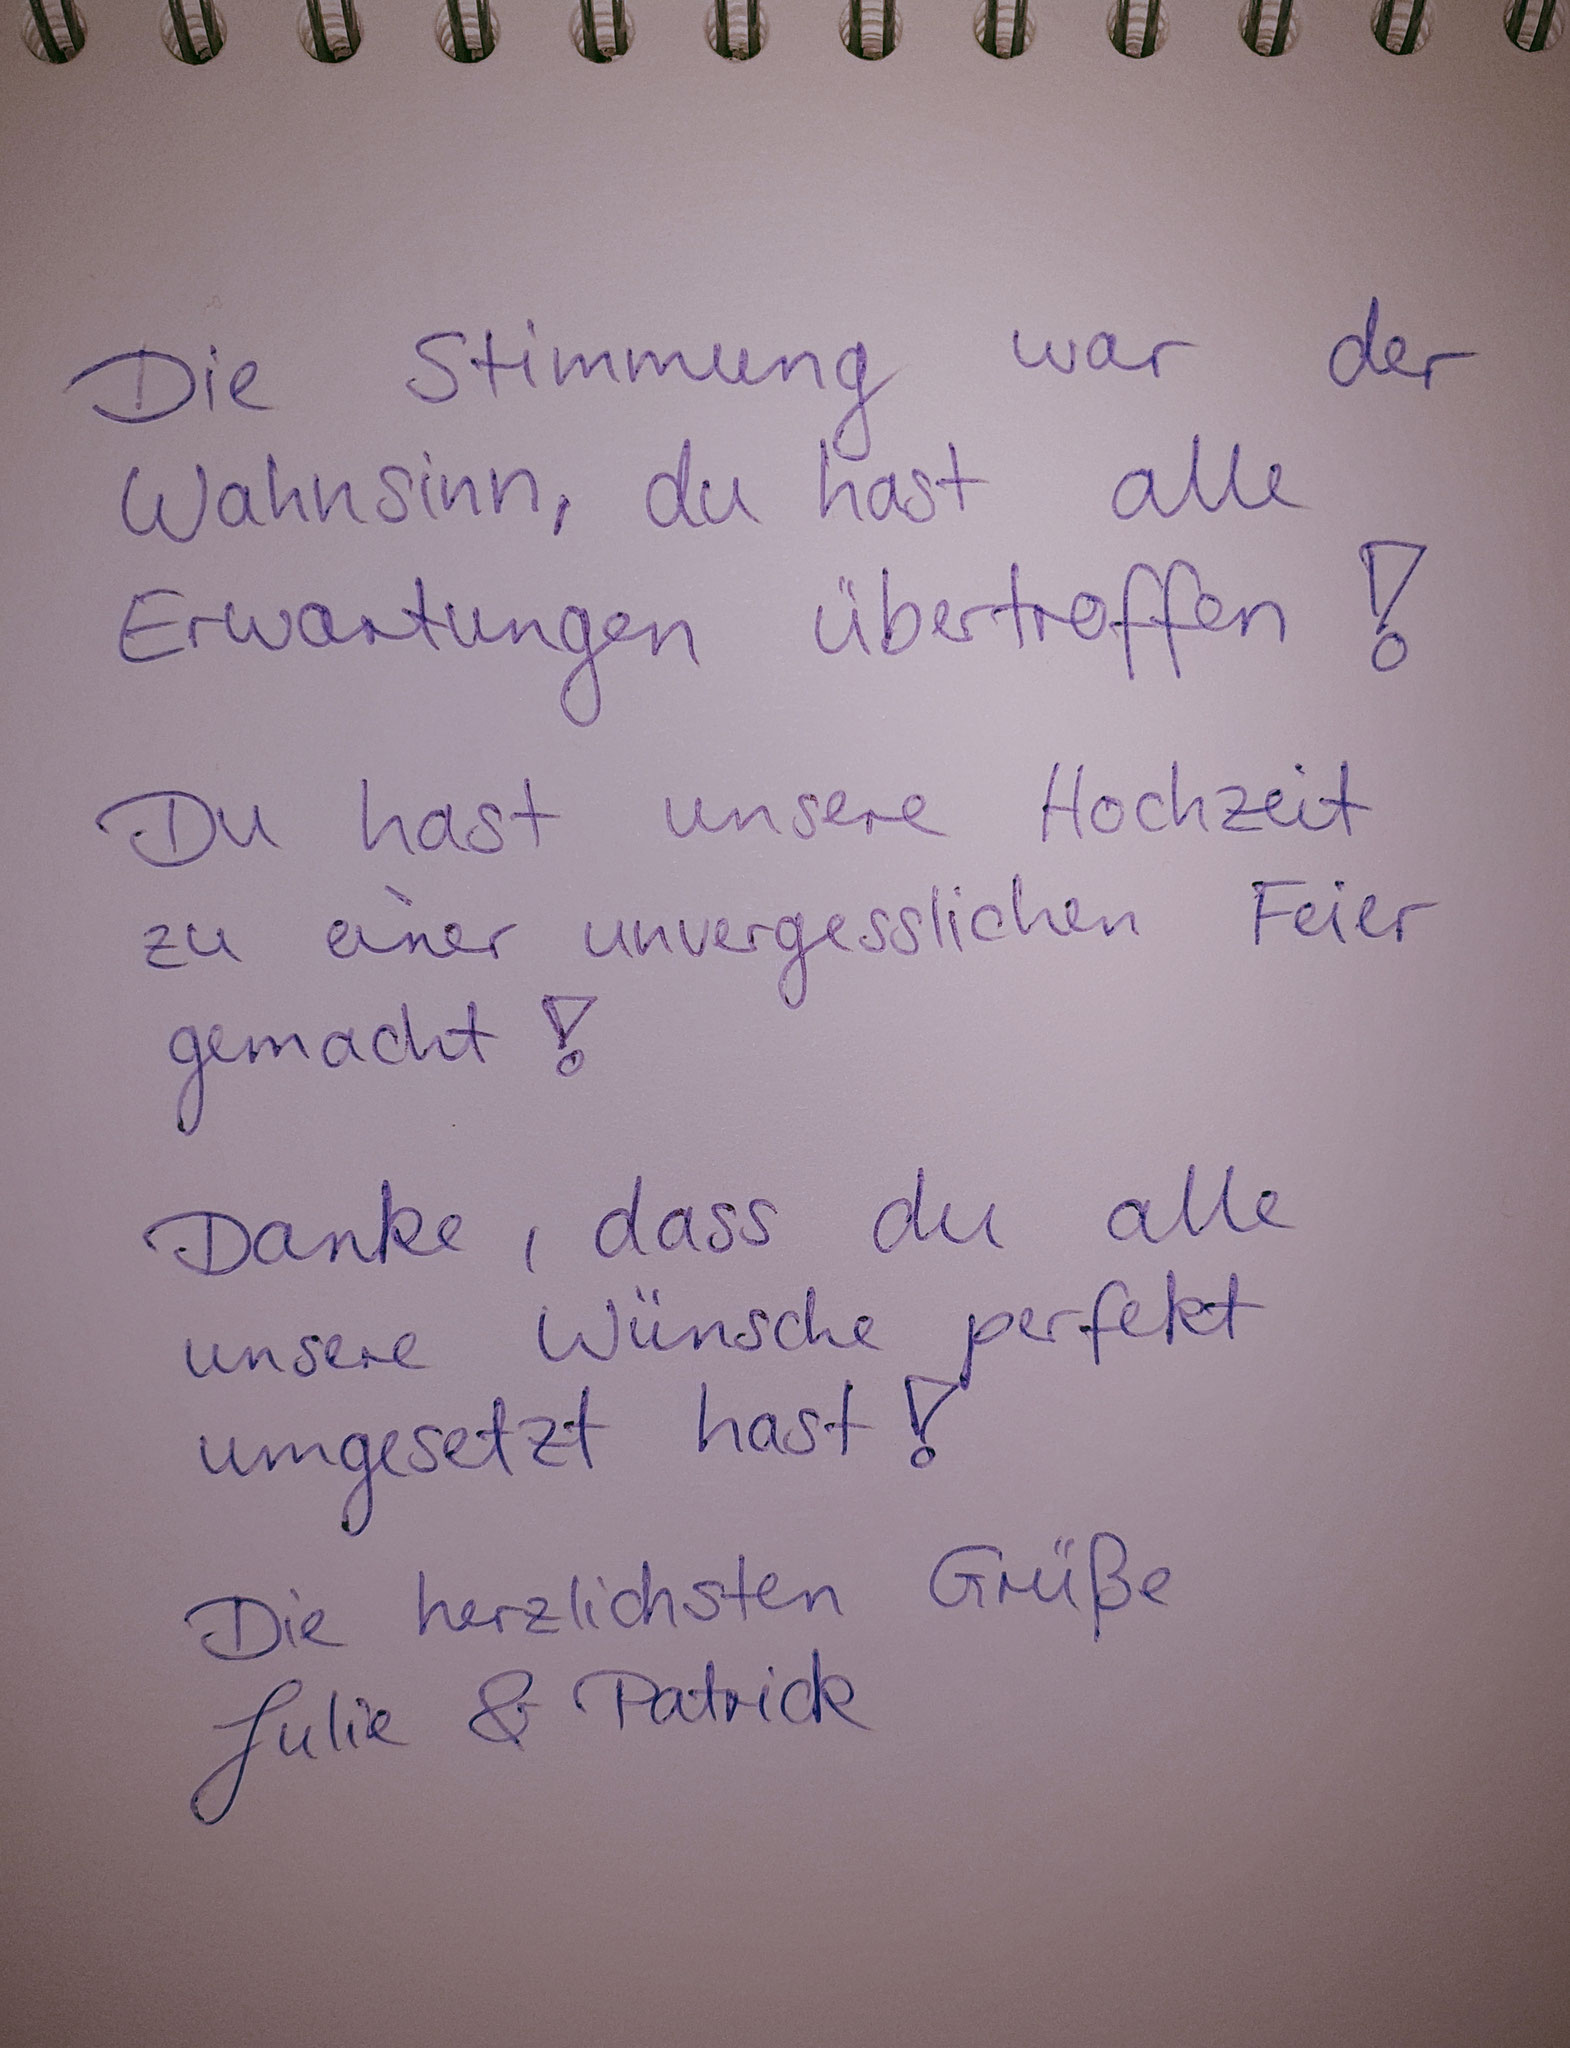 Kundenmeinung von Julie und Patrick ihre Hochzeit wurde auf der Burg Hornberg gefeiert